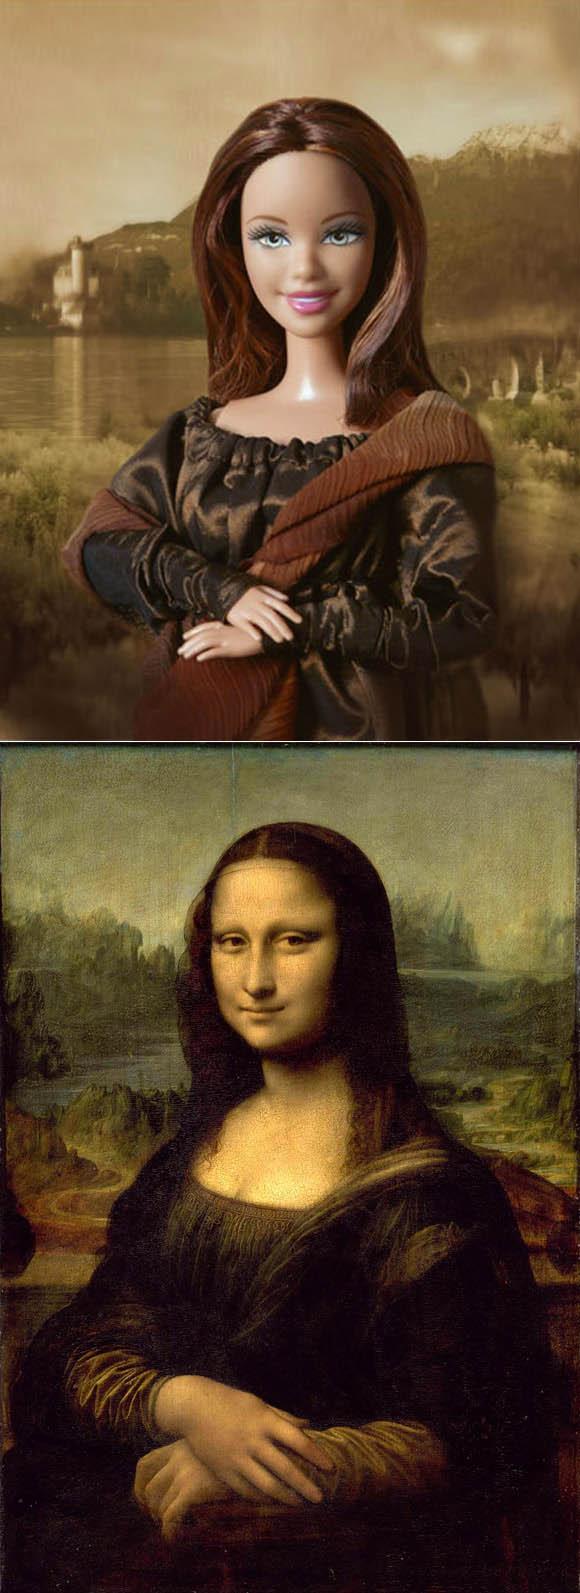 Jocelyne Grivaud, Mona Lisa La Gioconda, Leonardo Da Vinci inspired